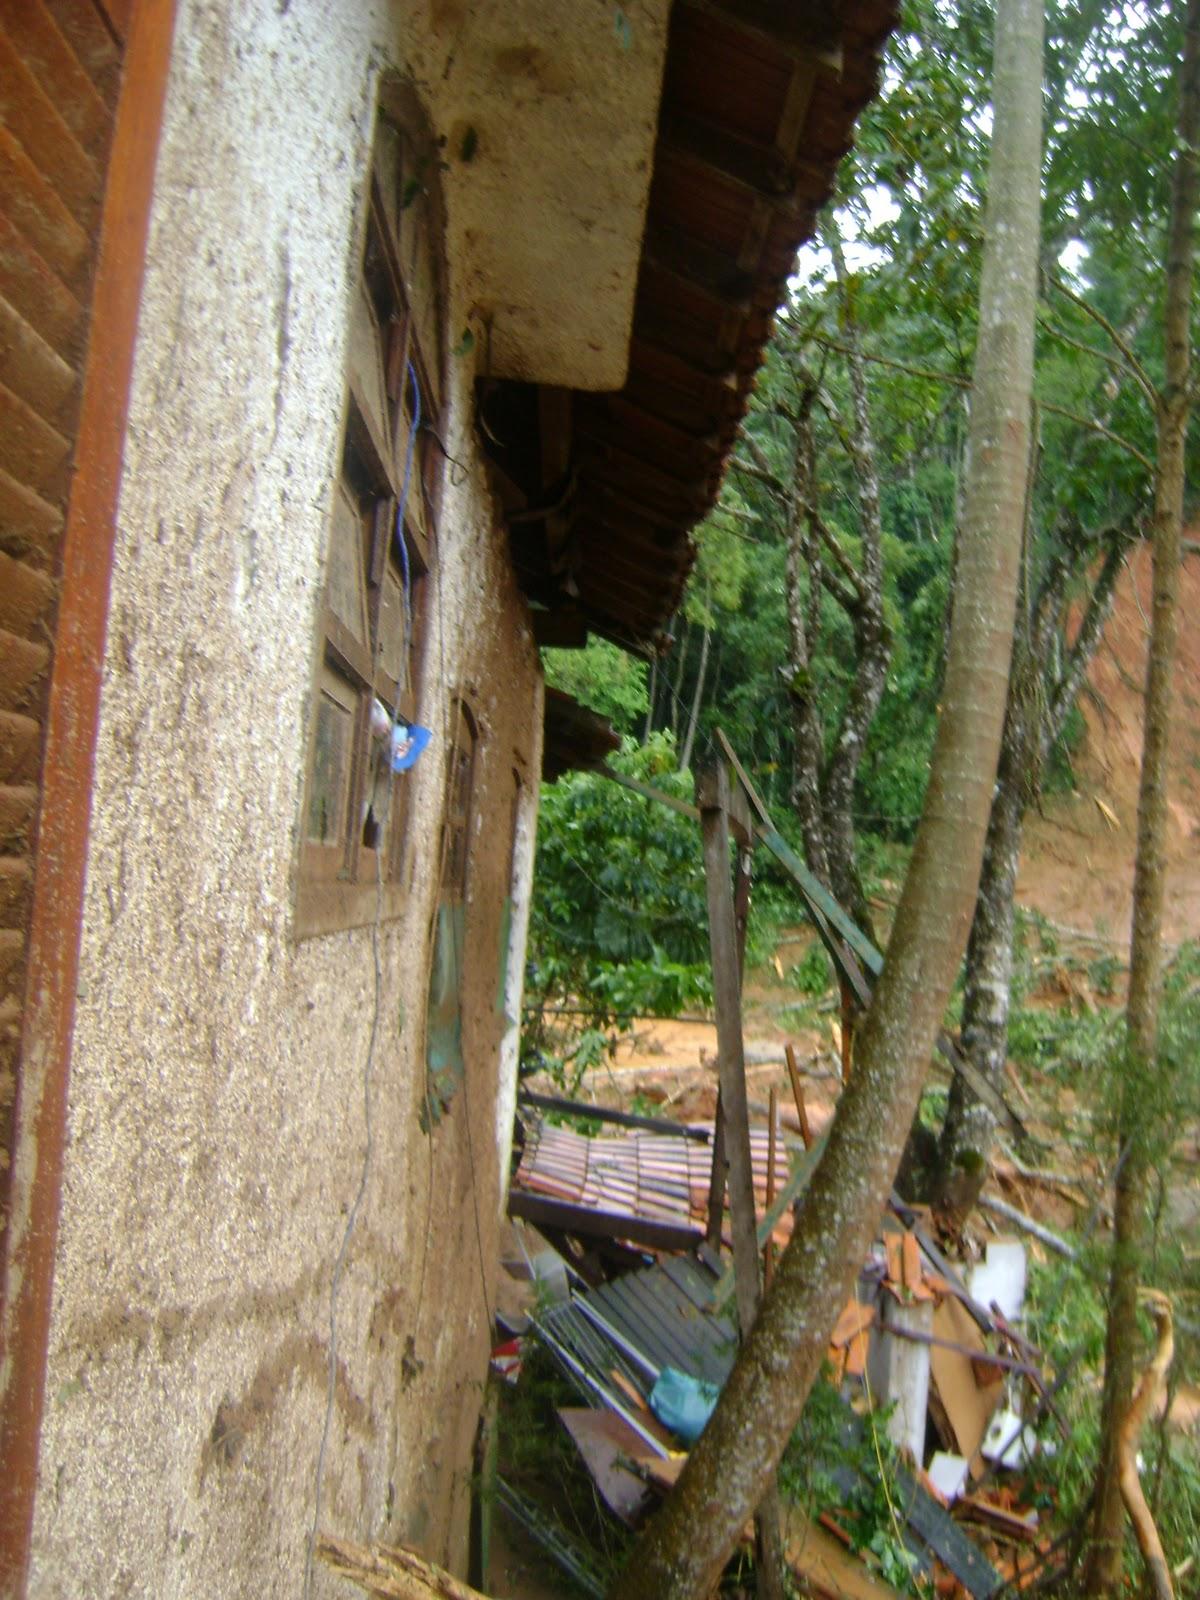 de parte da varanda dos fundos da lavanderia e do banheiro externo #664928 1200 1600